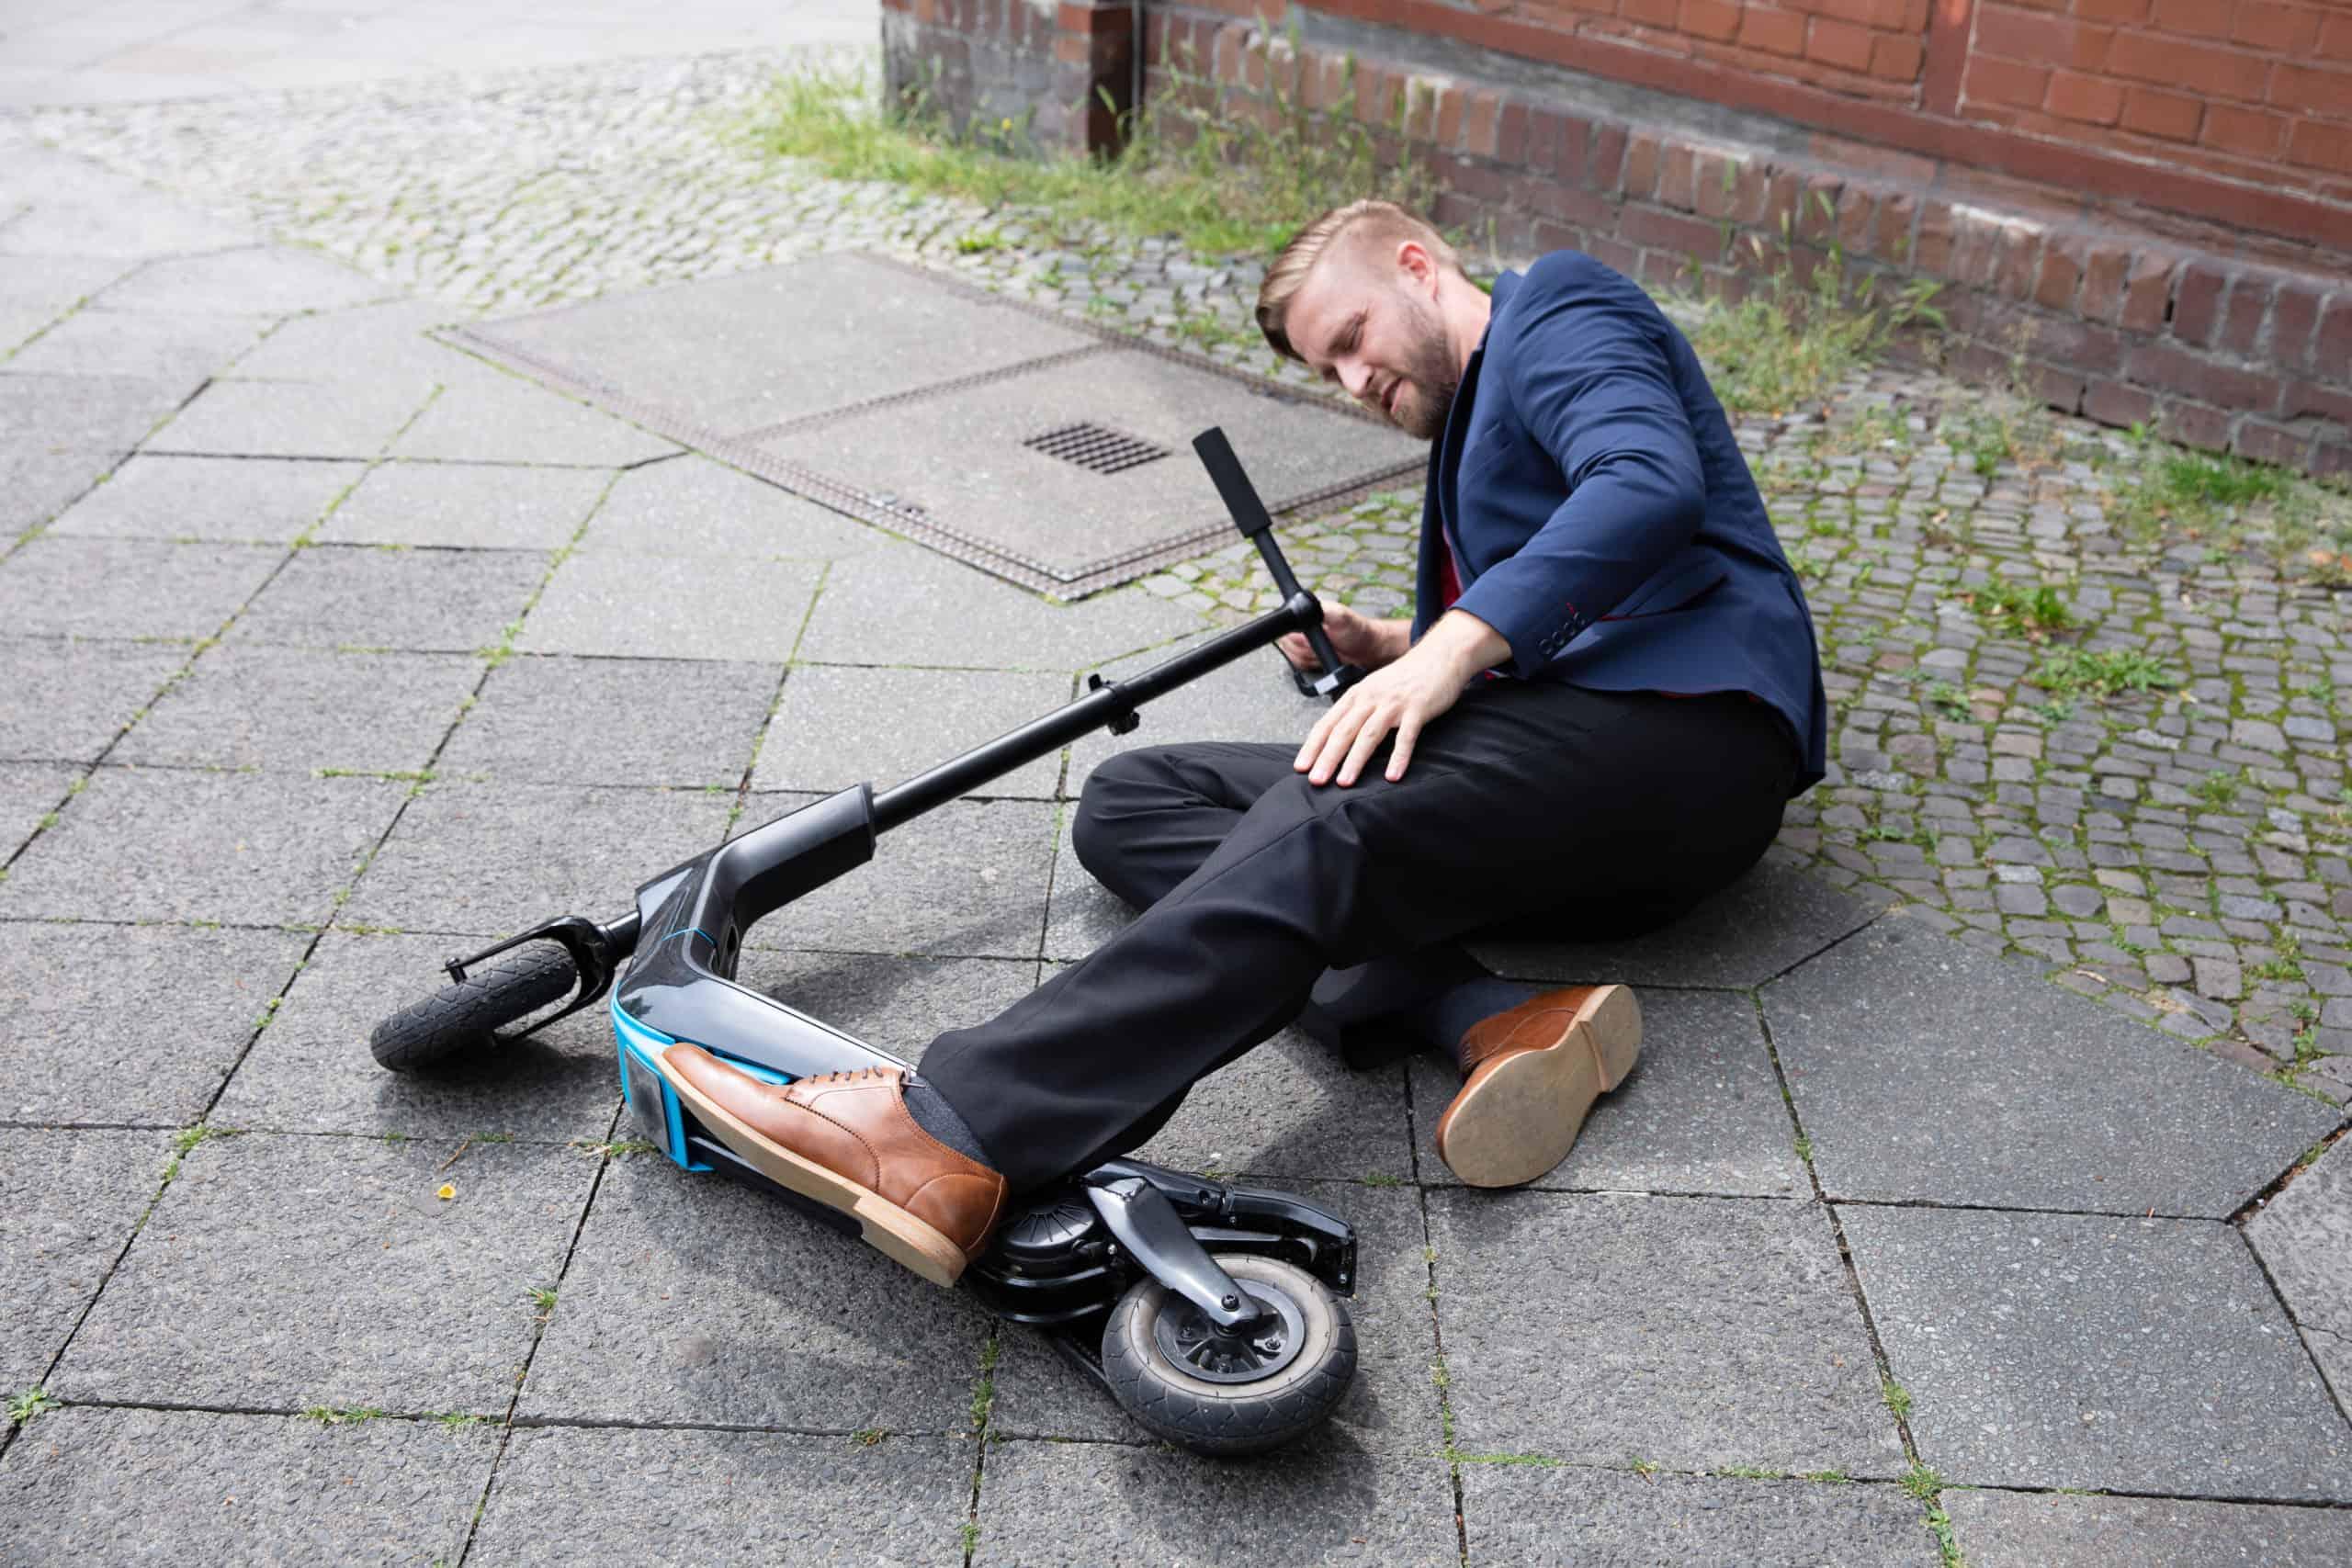 קורקינט חשמלי תאונות אופניים חשמליים